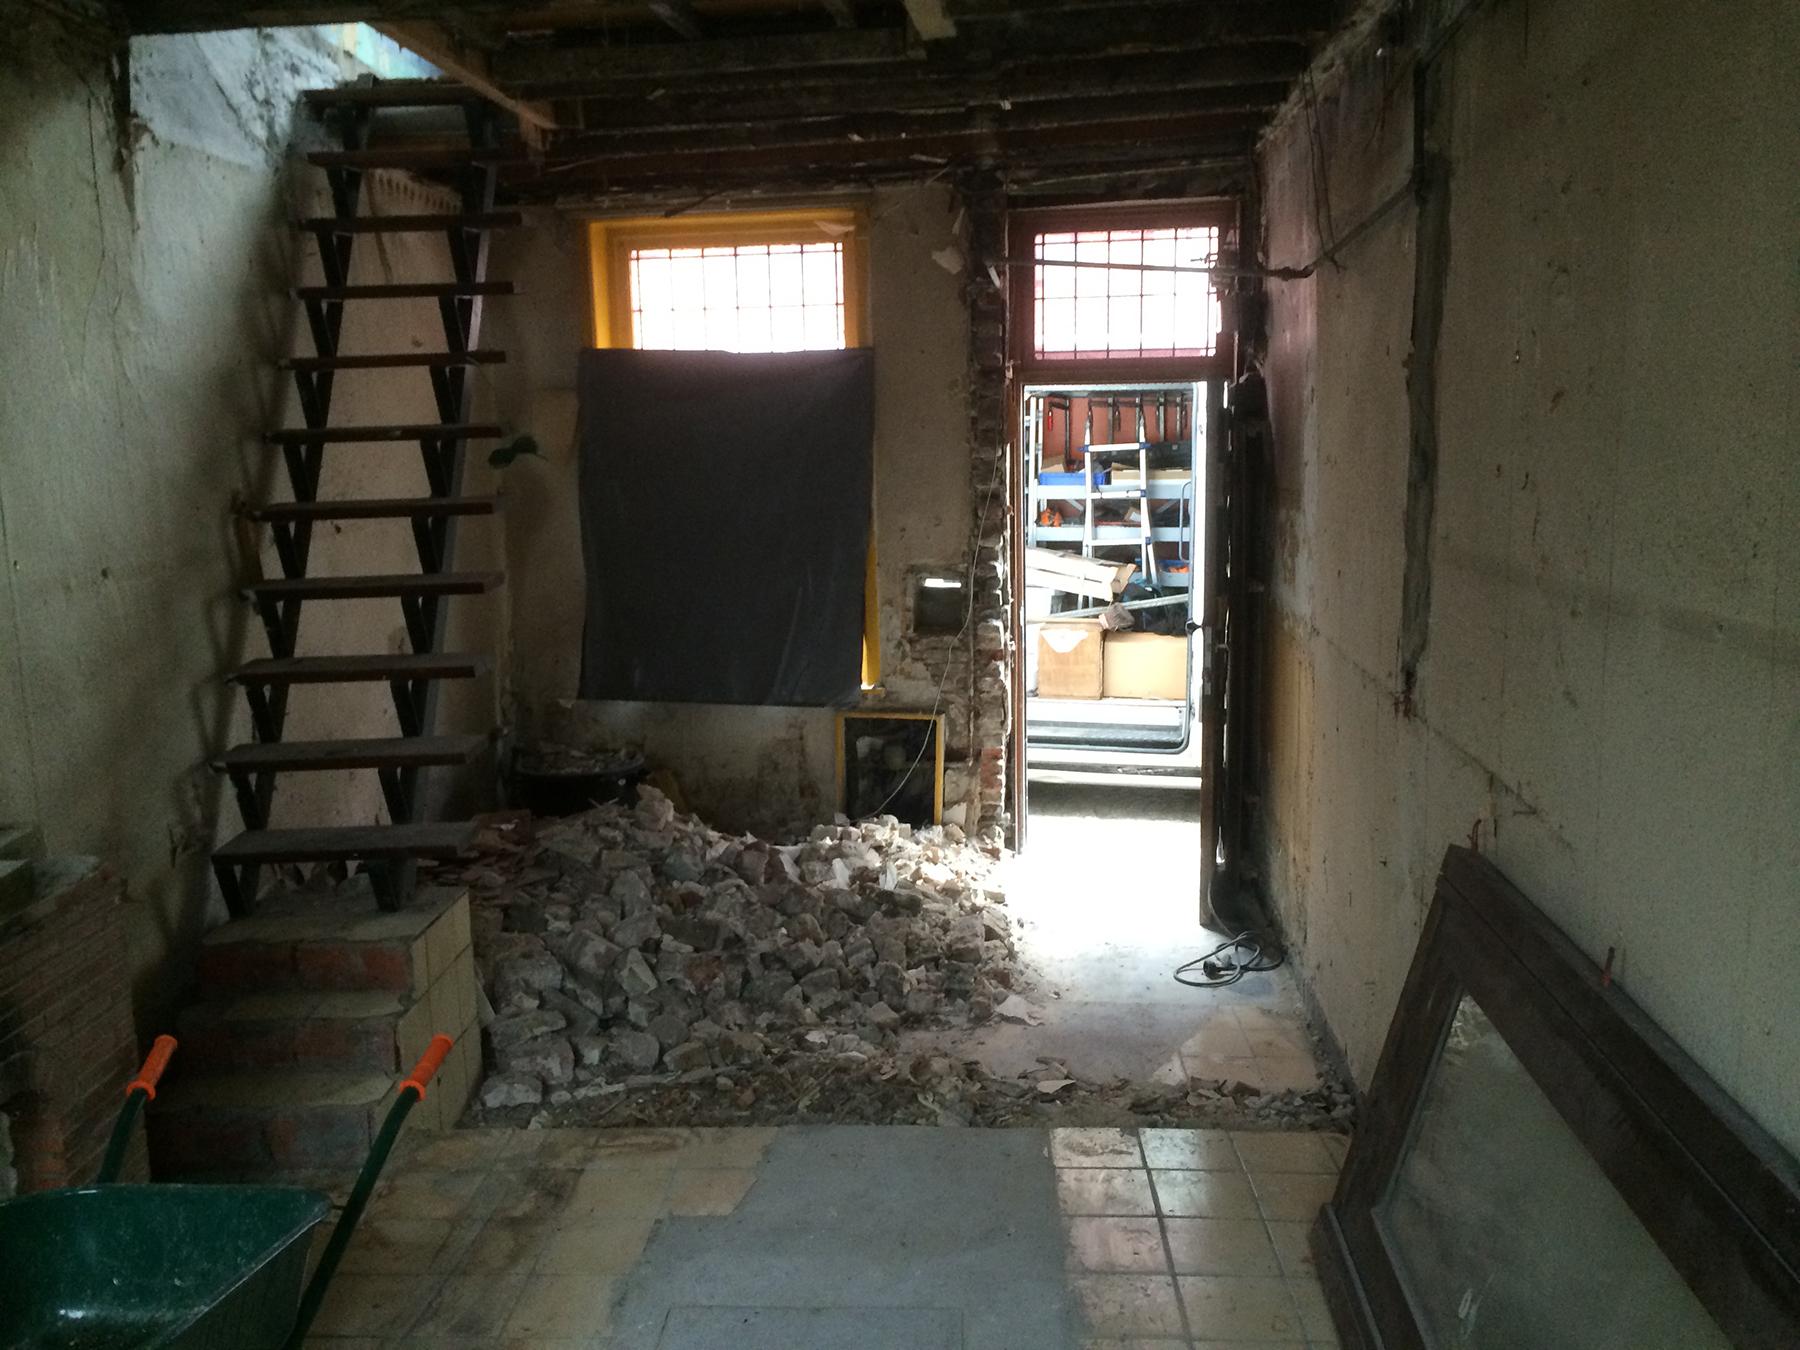 Totaalrenovatie Brugge - interieur - afbraakwerken voor.jpg